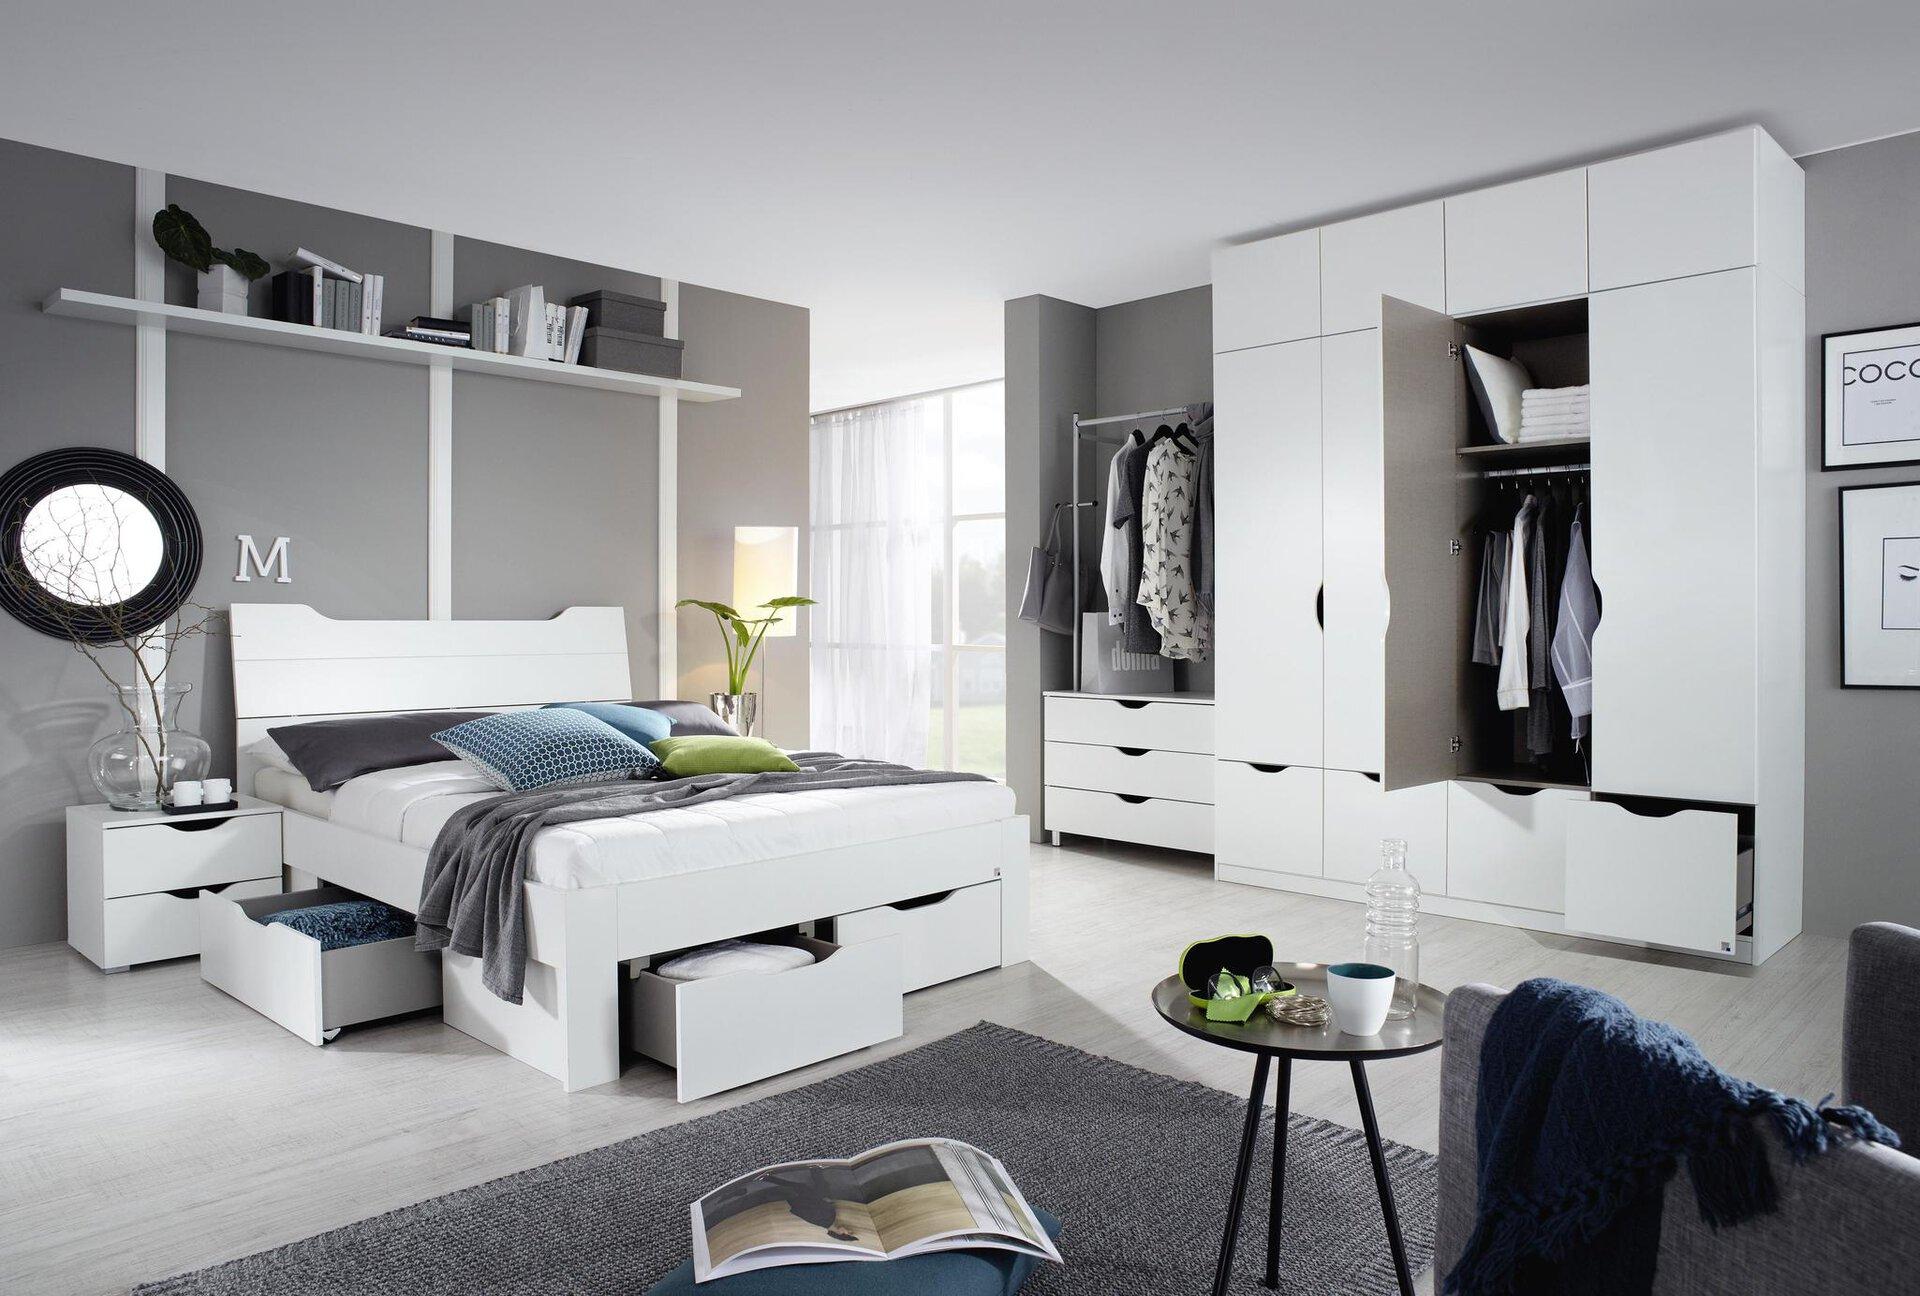 Bettkasten BALIAN SELF Holzwerkstoff weiß 203 x 28 x 140 cm